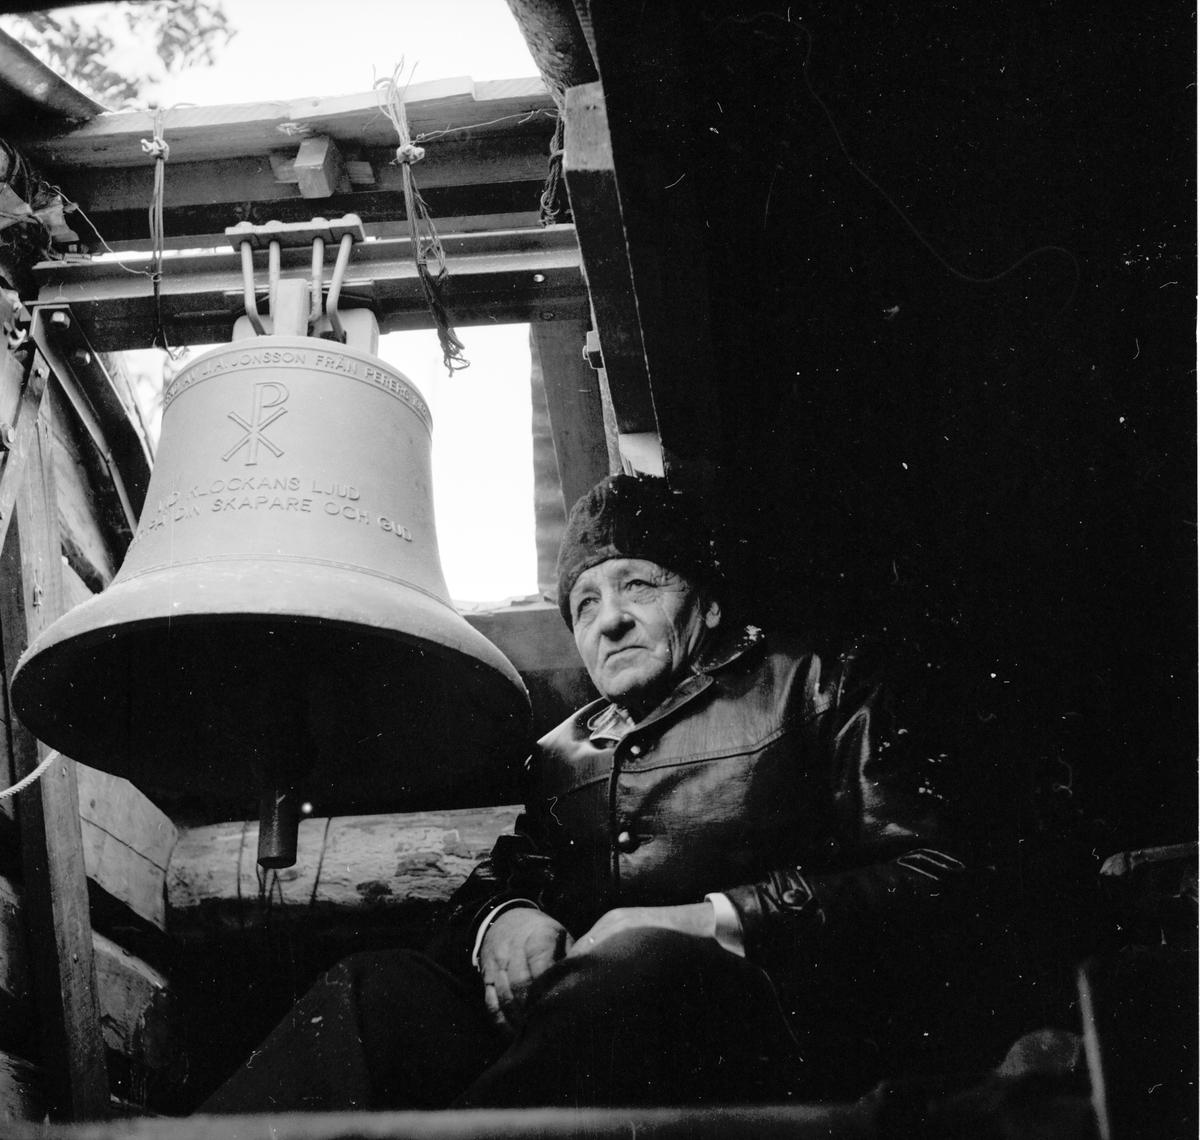 Grängsbo. J-G Jonsson Kapellbyggare 17/12-1962